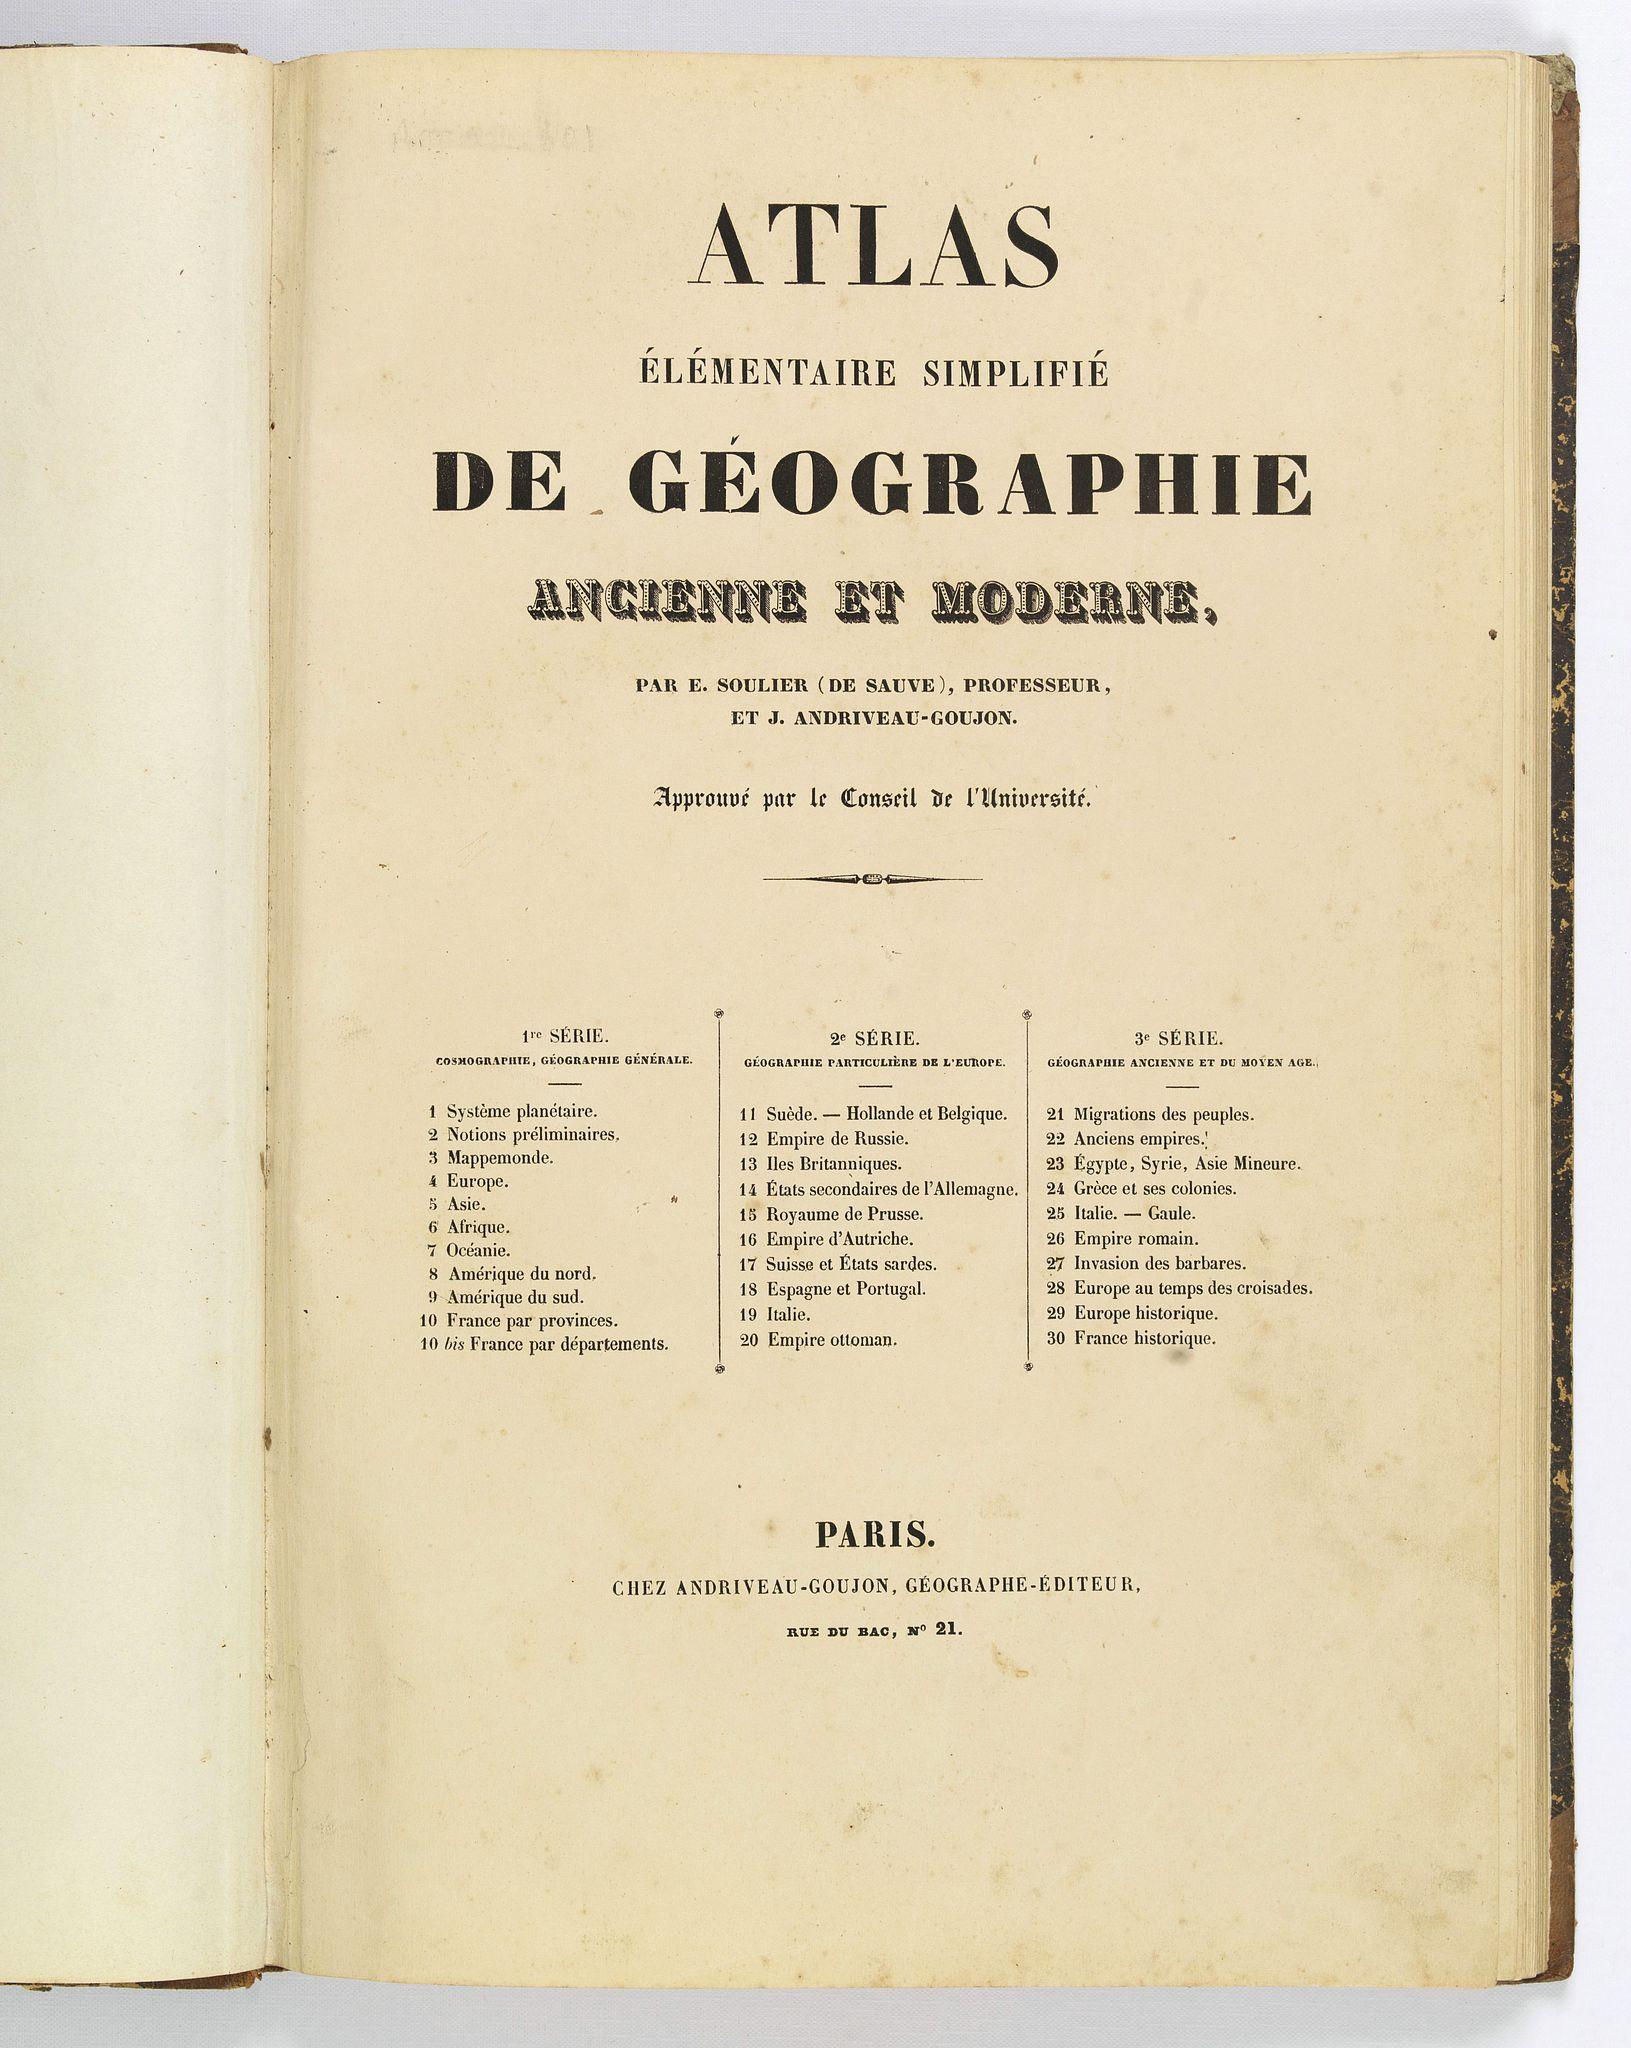 ANDRIVEAU-GOUJON. - Atlas elementaire simplifie de geographie ancienne et moderne.